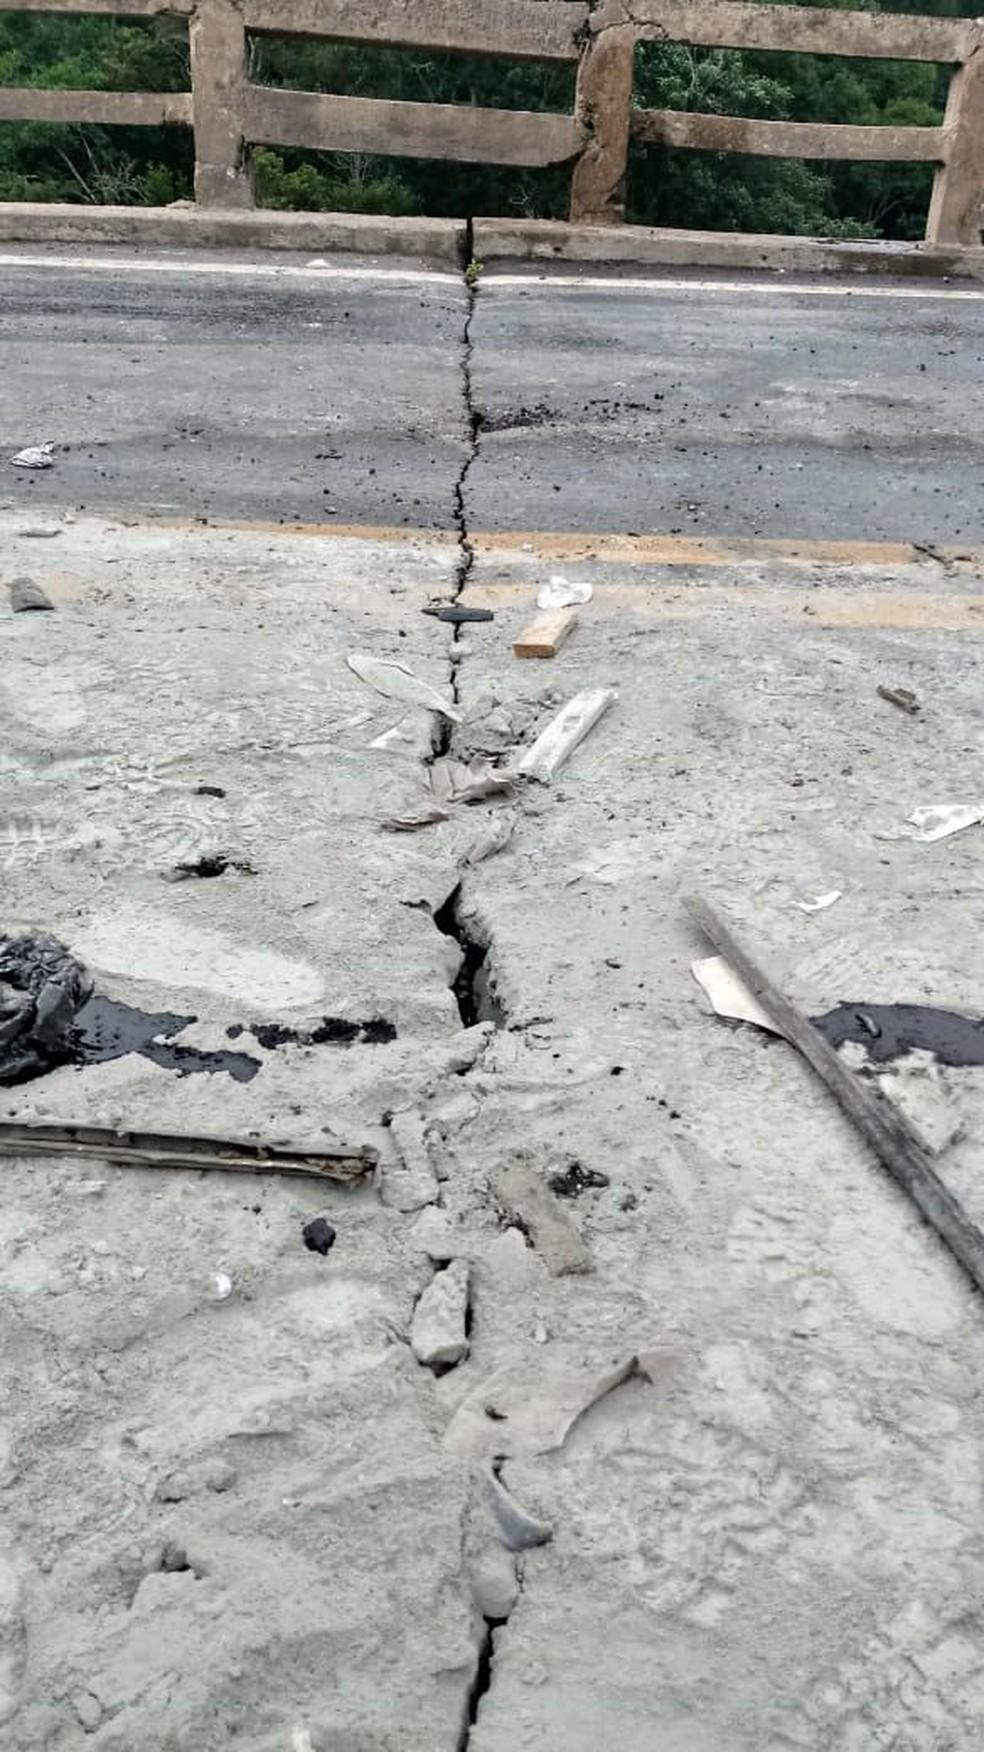 Trinca na Ponte do Caieiro, na BR-265 em Barbacena, onde houve acidente com carreta que transportava cimento neste sábado (10) — Foto: TV Barroso Regional/Reprodução